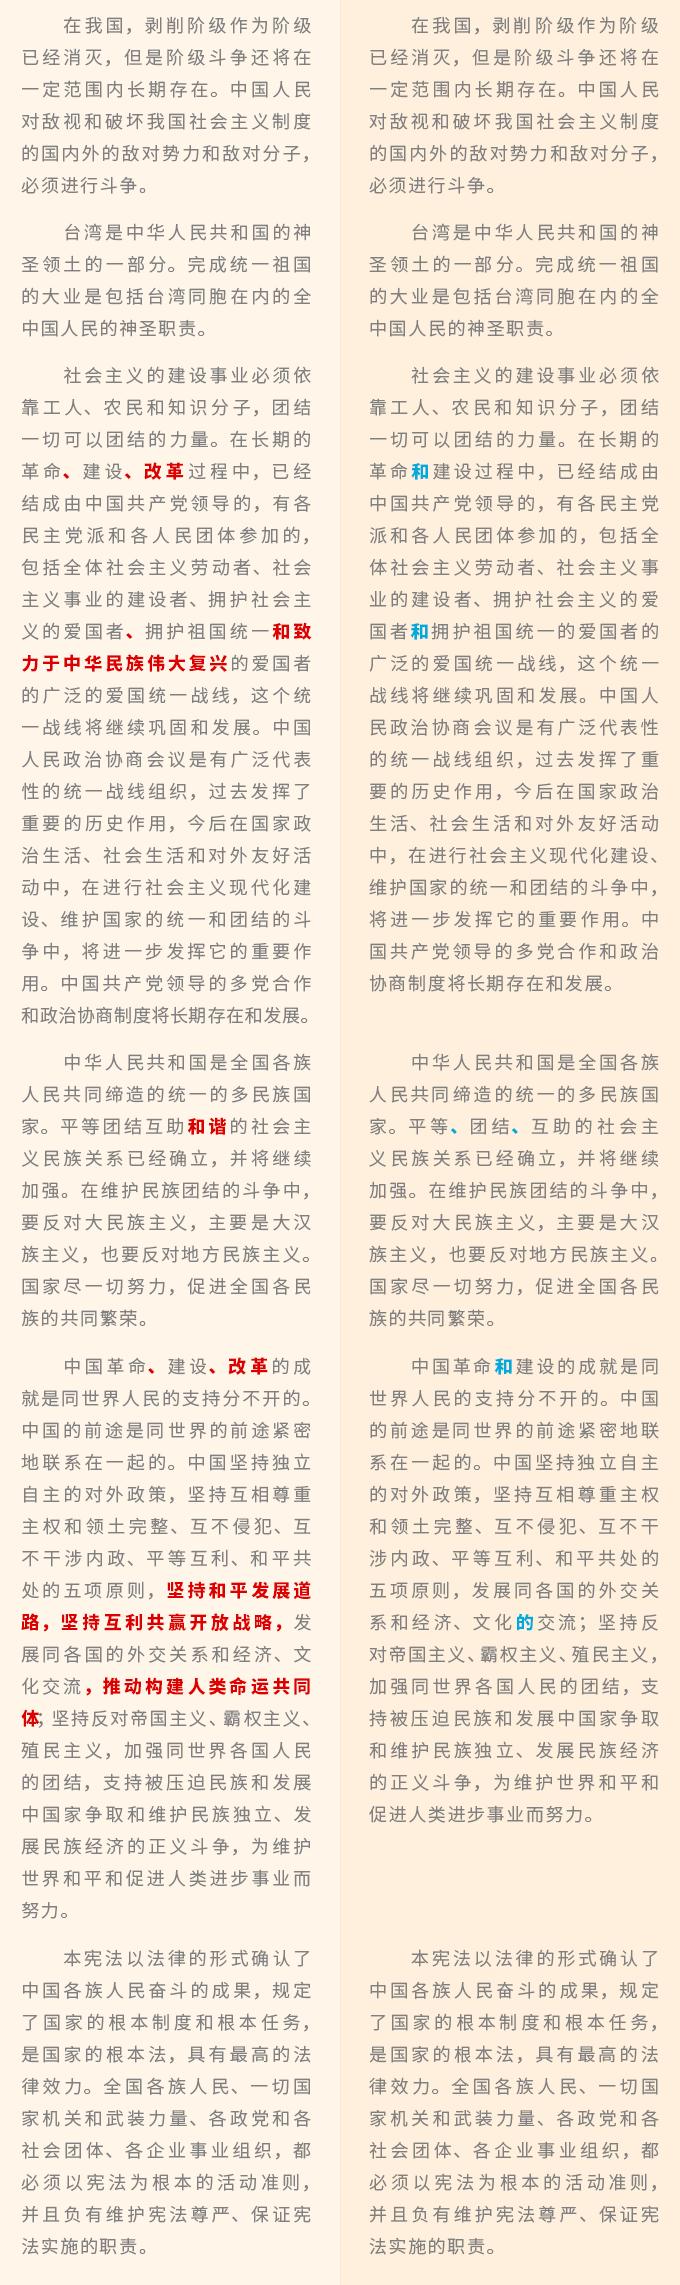 2018宪法修订-3.png